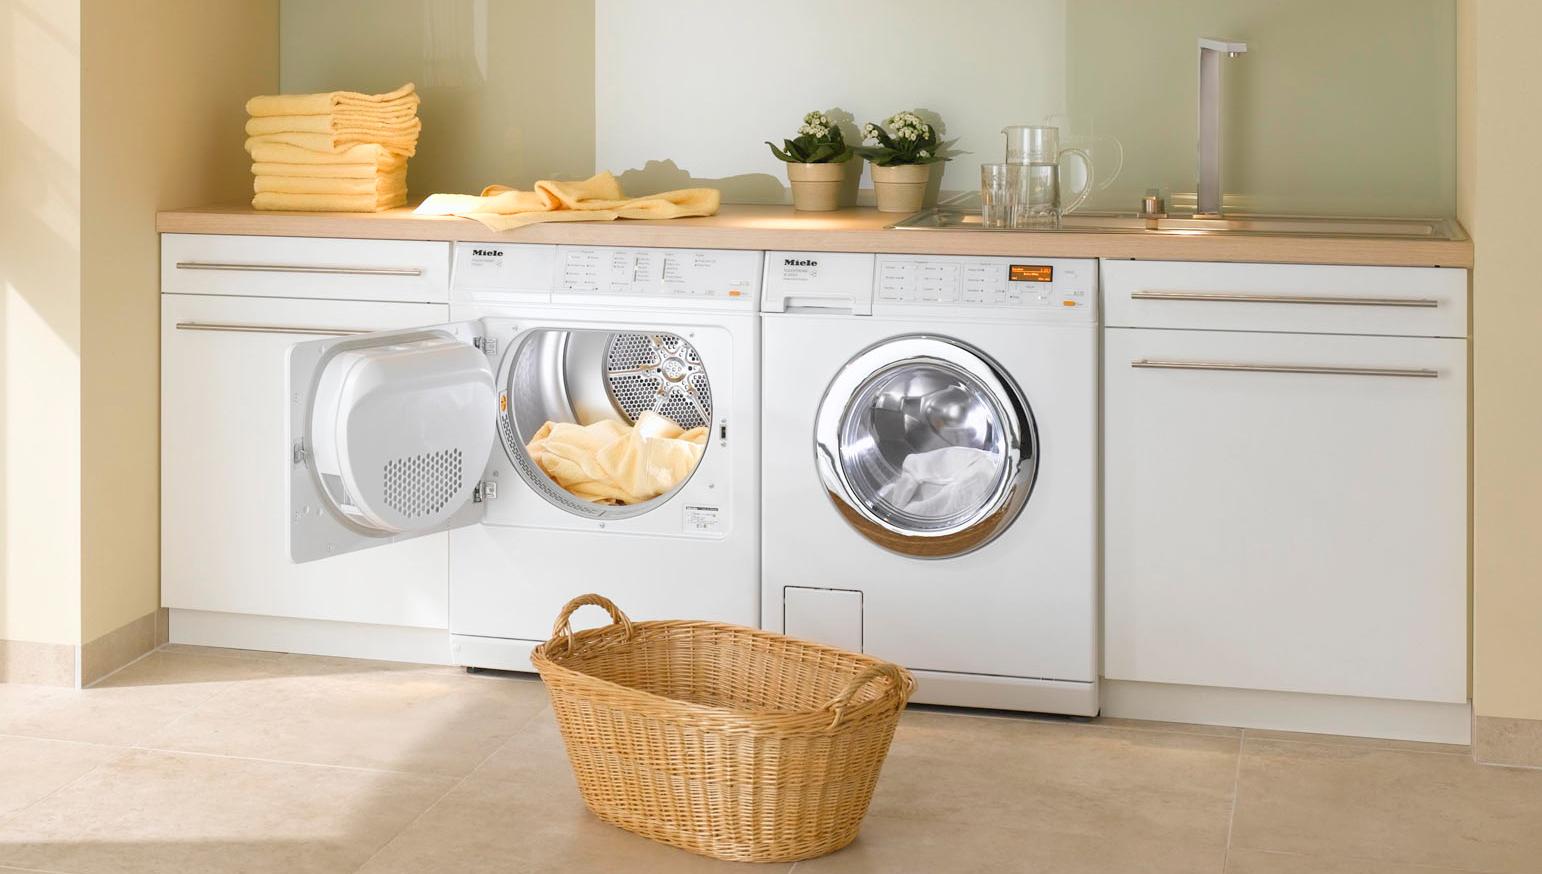 размеры и габариты стиральных машин фото